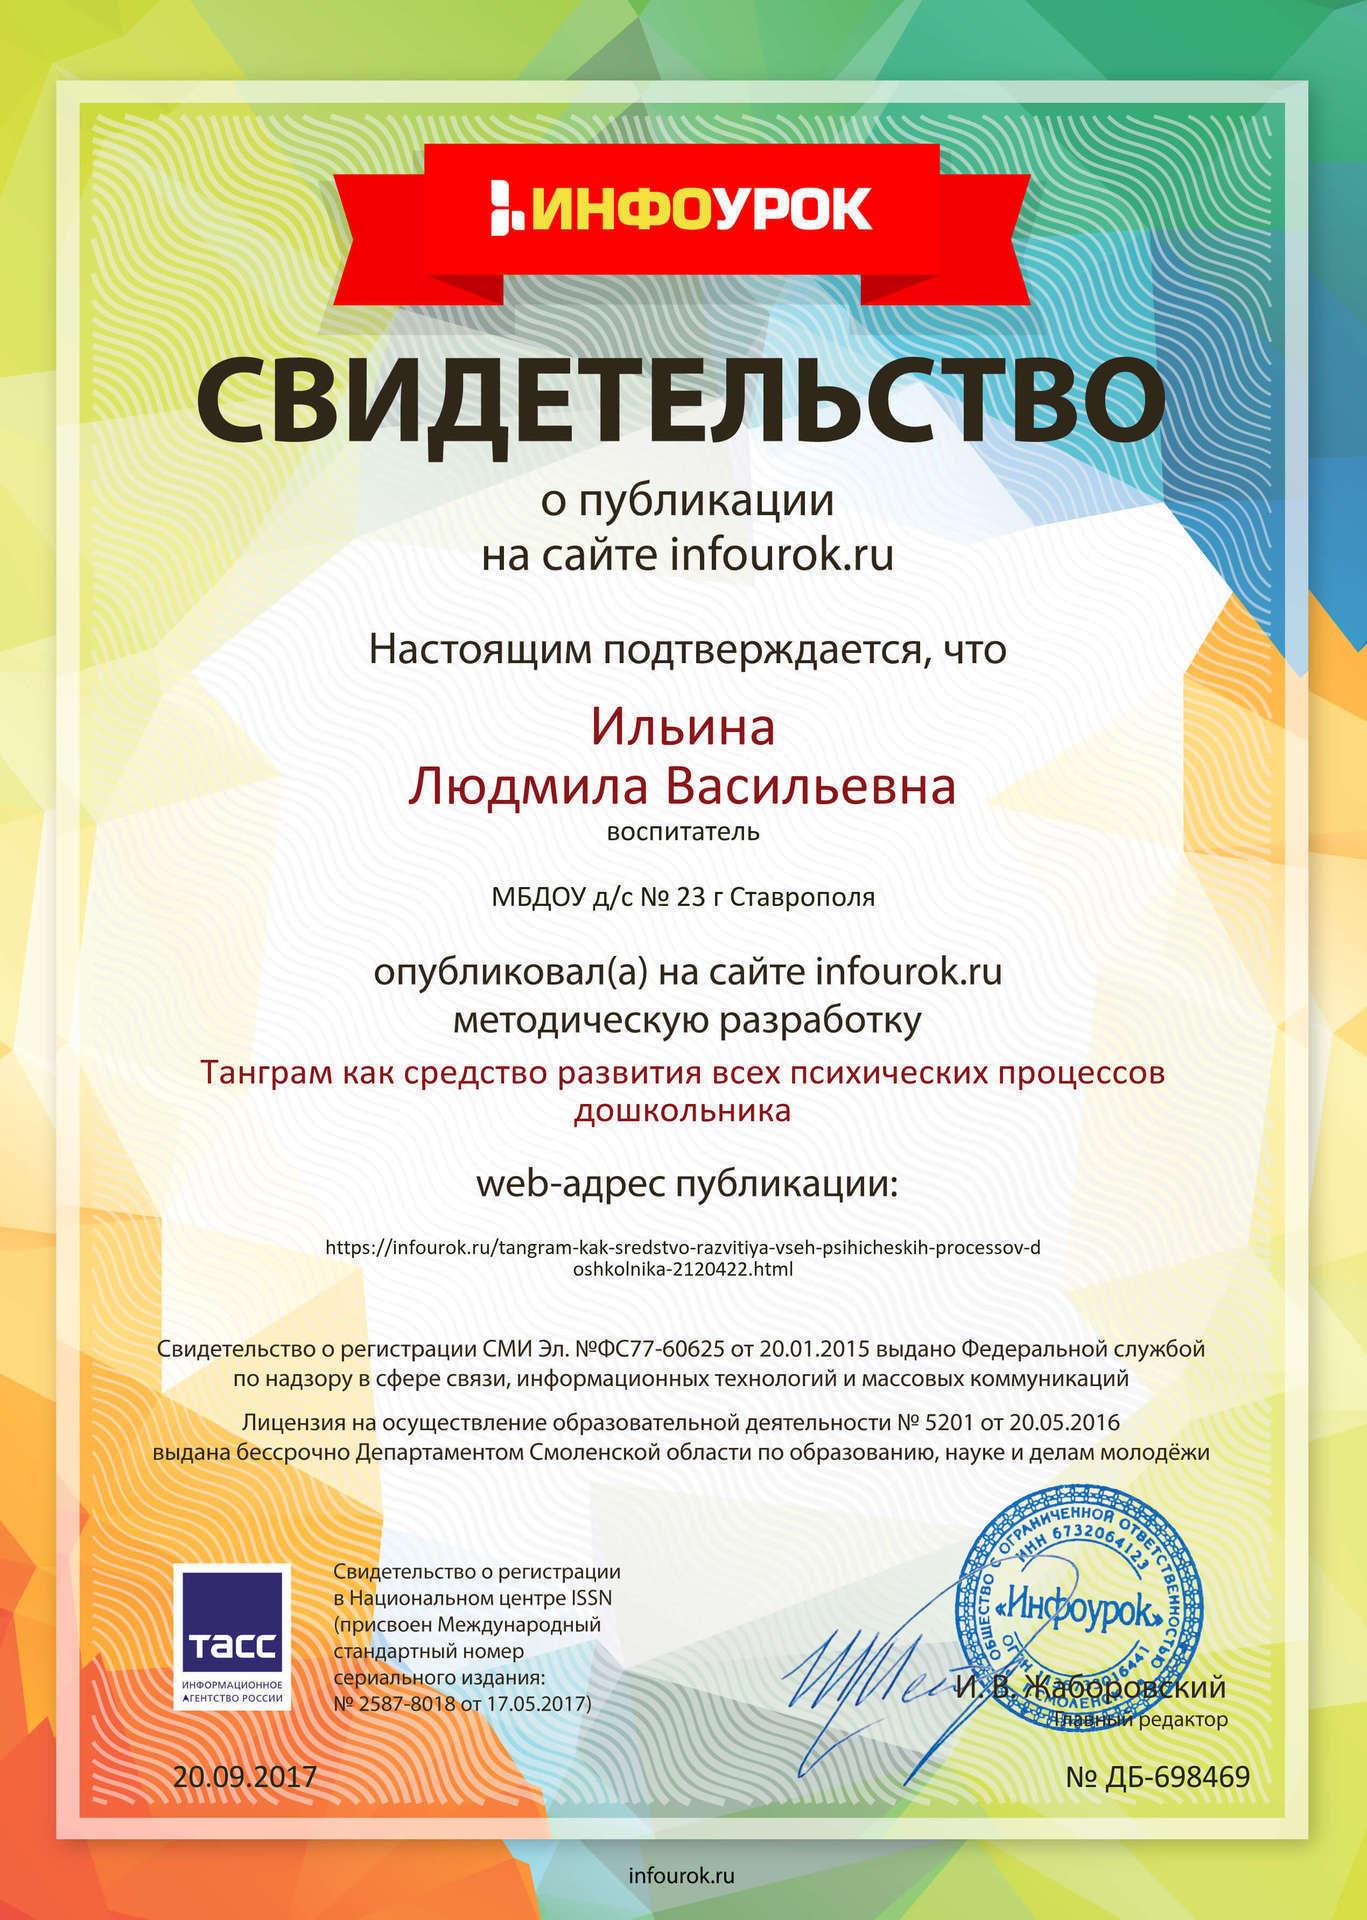 Свидетельство-проекта-infourok.ru-№698469